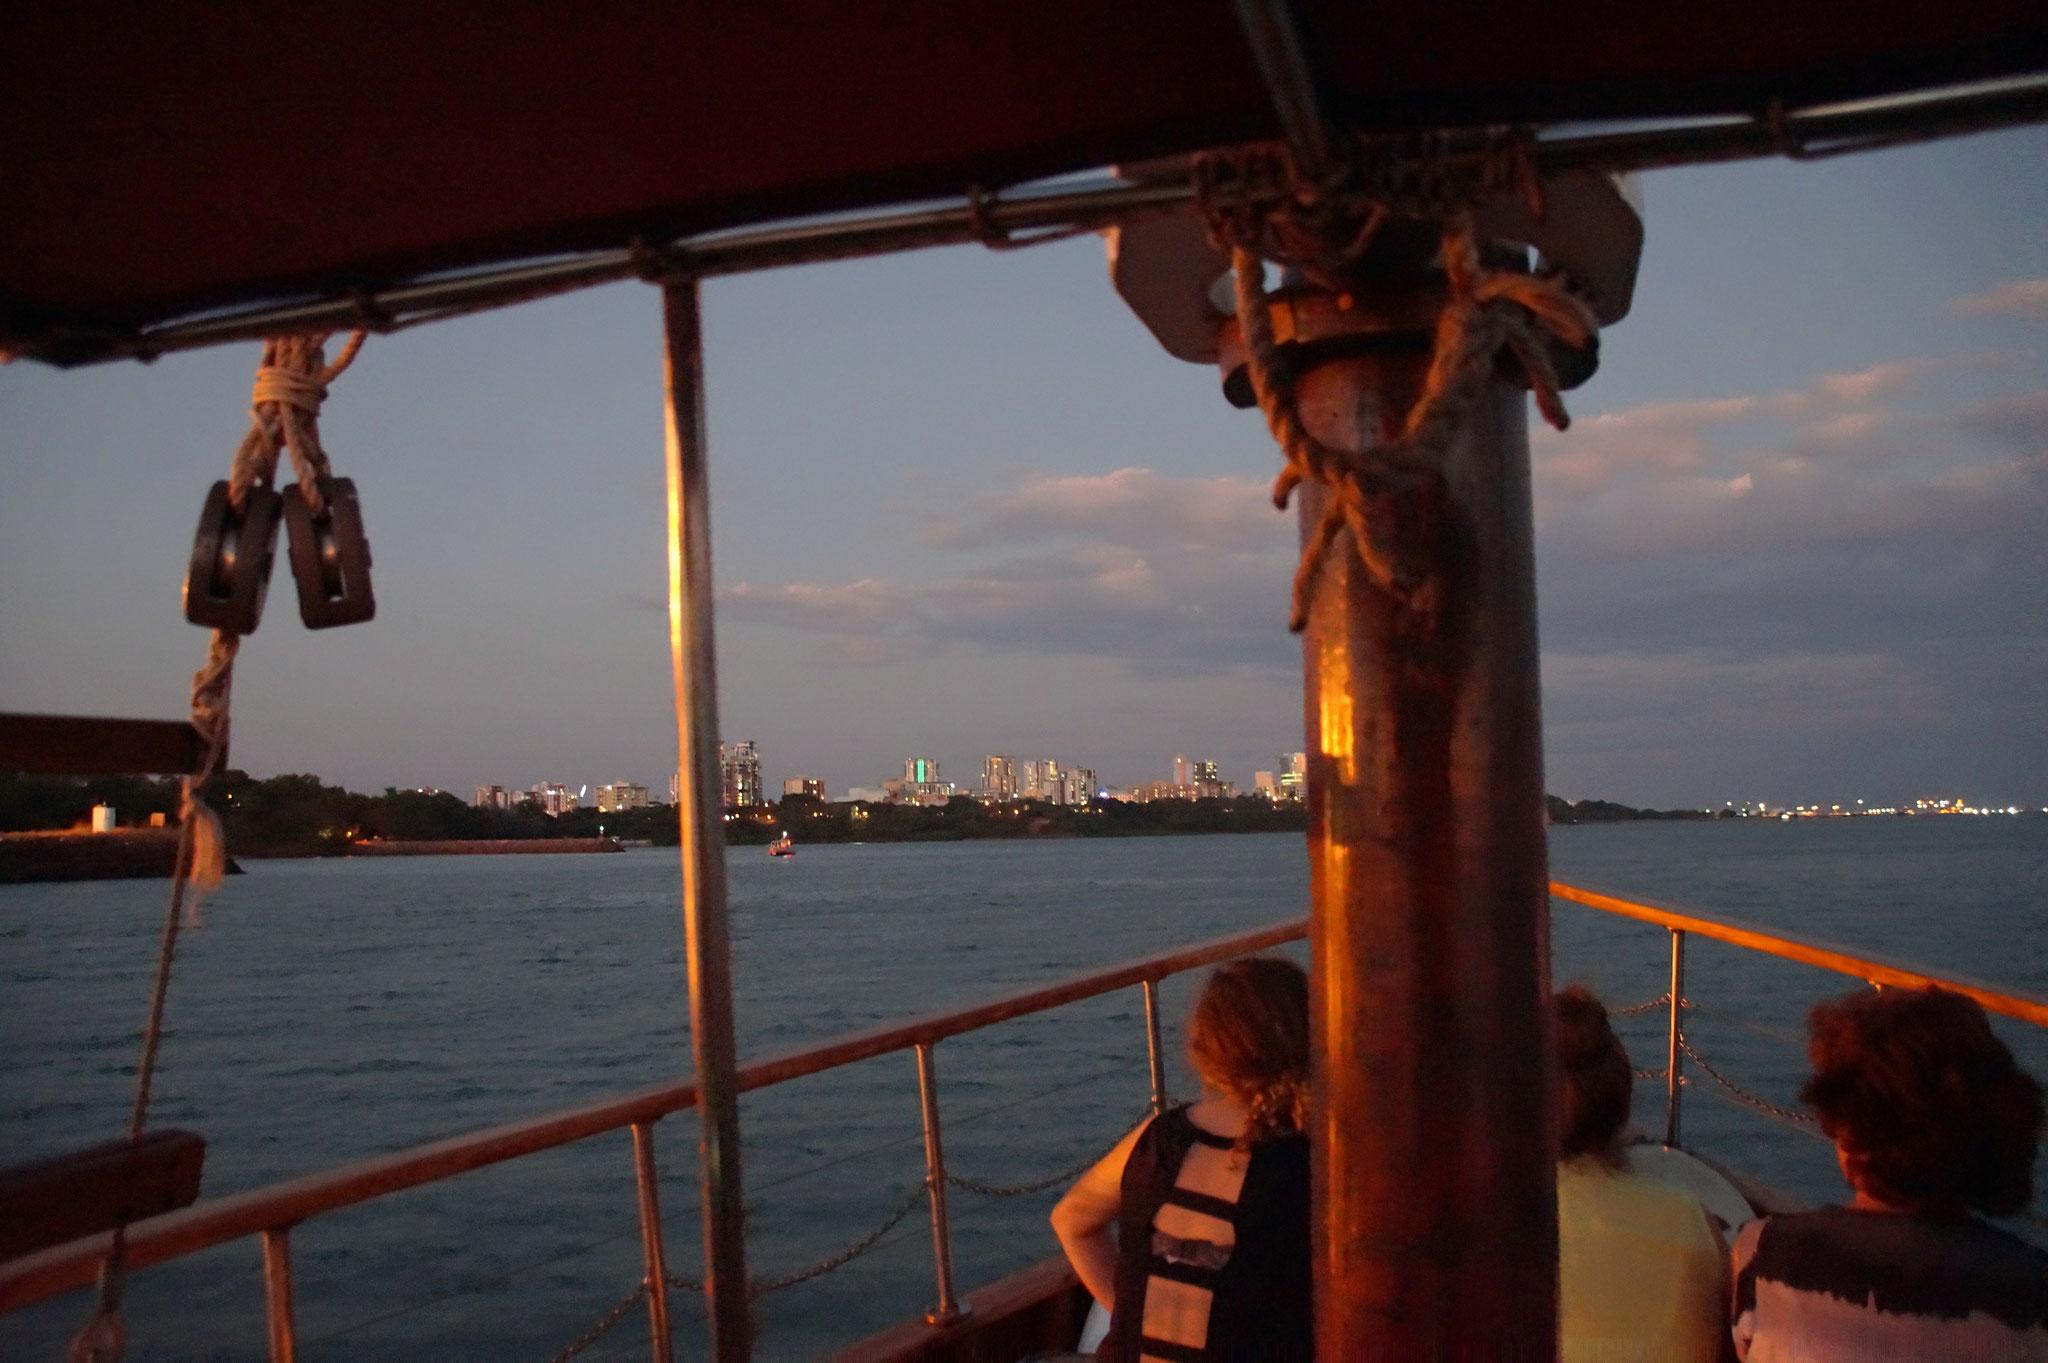 TOP 6 – Streeter Cruise Darwin. Stimmungsvolle Kreuzfahrt in den Sonnenuntergang mit kühlen Getränken und gastfreundlichem Kapitän. Postkartenansichten von Darwins Seeseite.